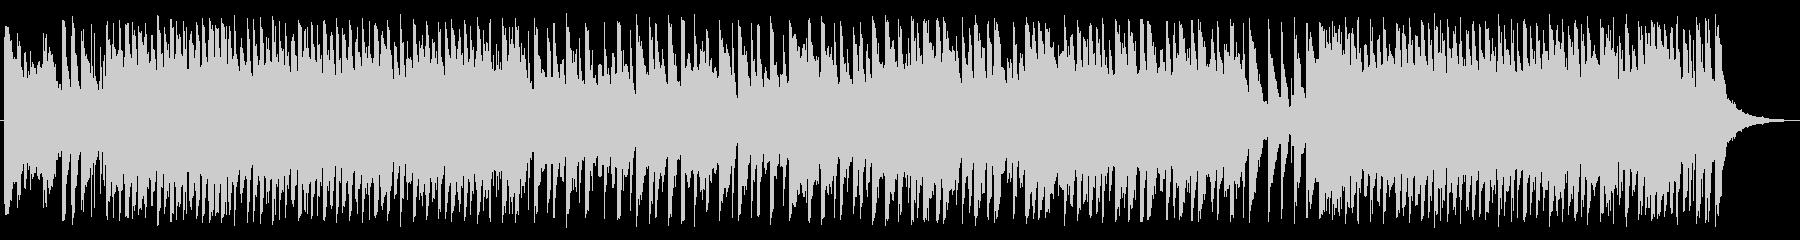 明るい音色のディスコビートの未再生の波形